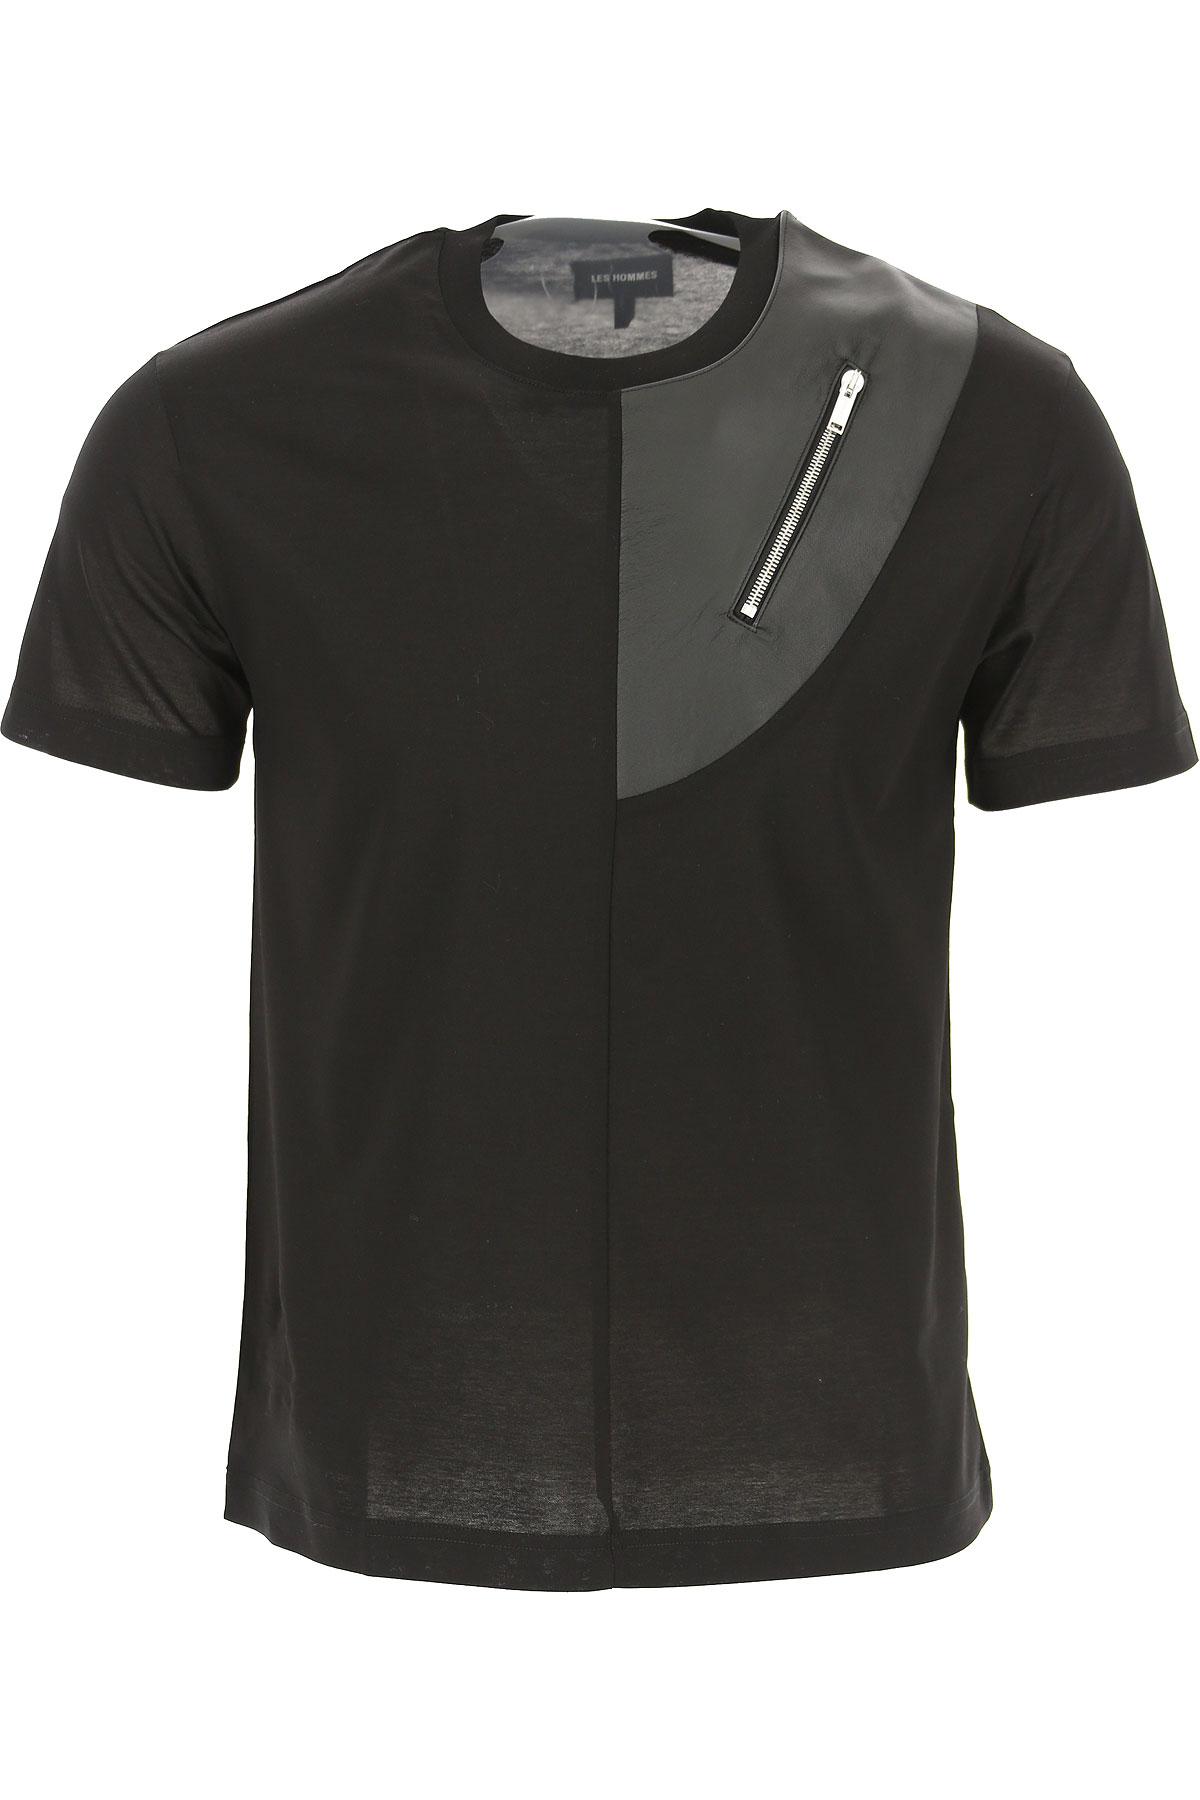 Les Hommes T-Shirt for Men On Sale, Black, Cotton, 2019, L M S XL